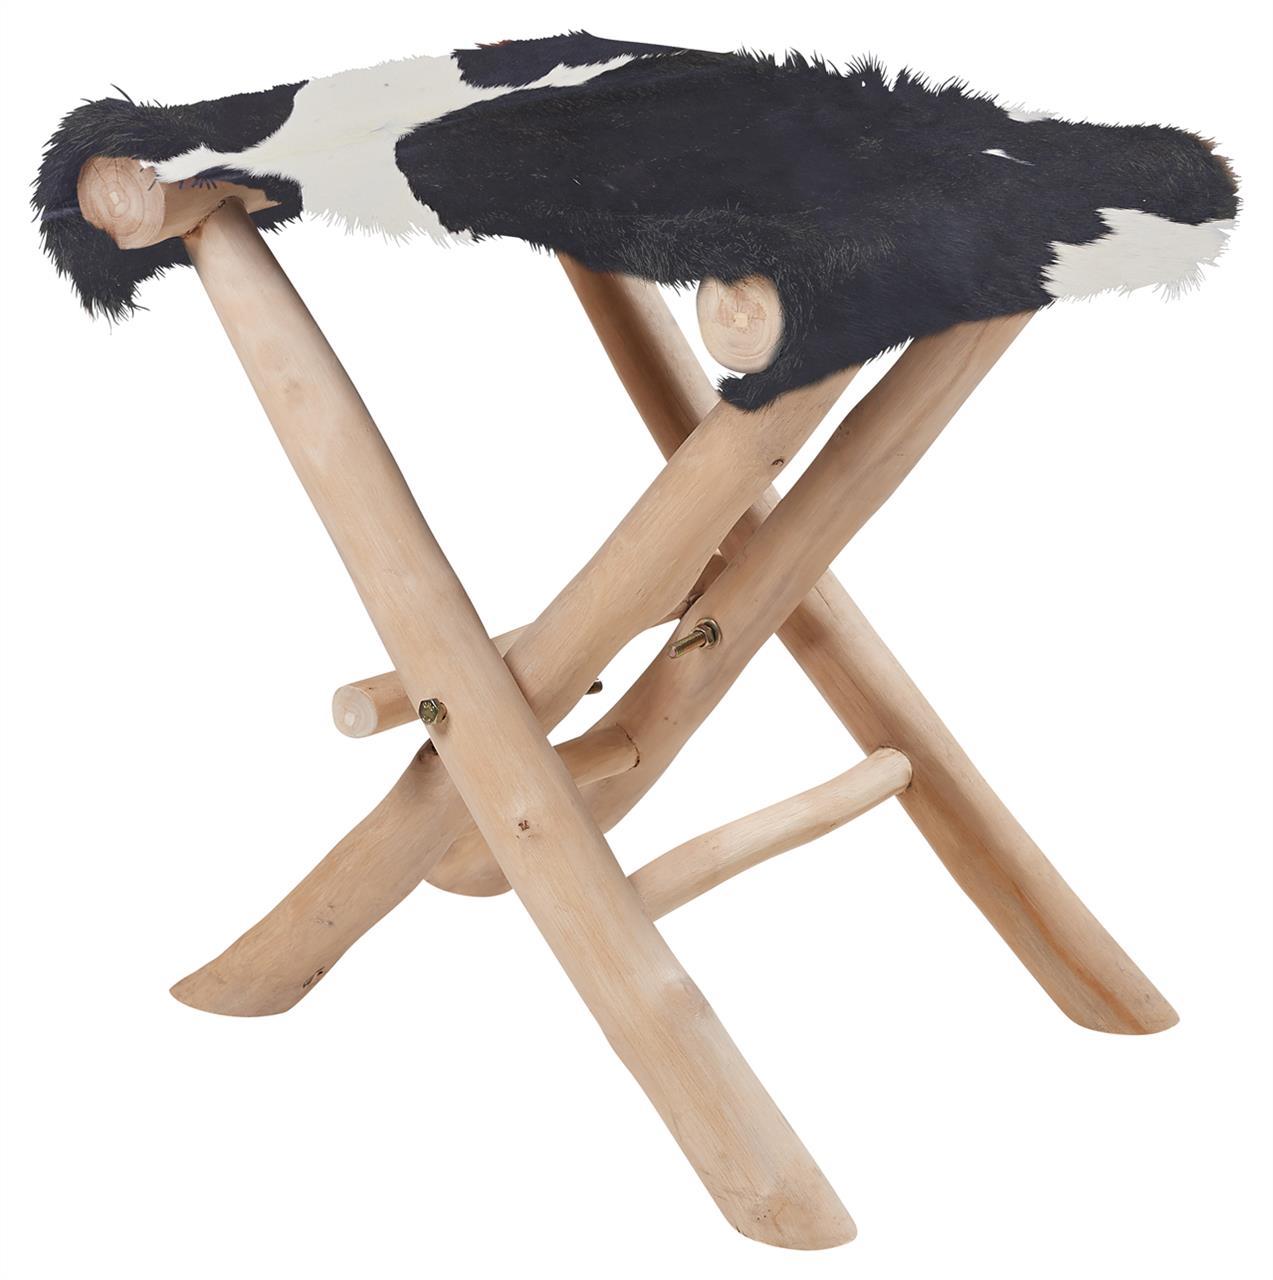 Skládací stolička s dřevěnými nožkami Zvolte variantu: černo bílá, Velikost: 35x40x45 cm